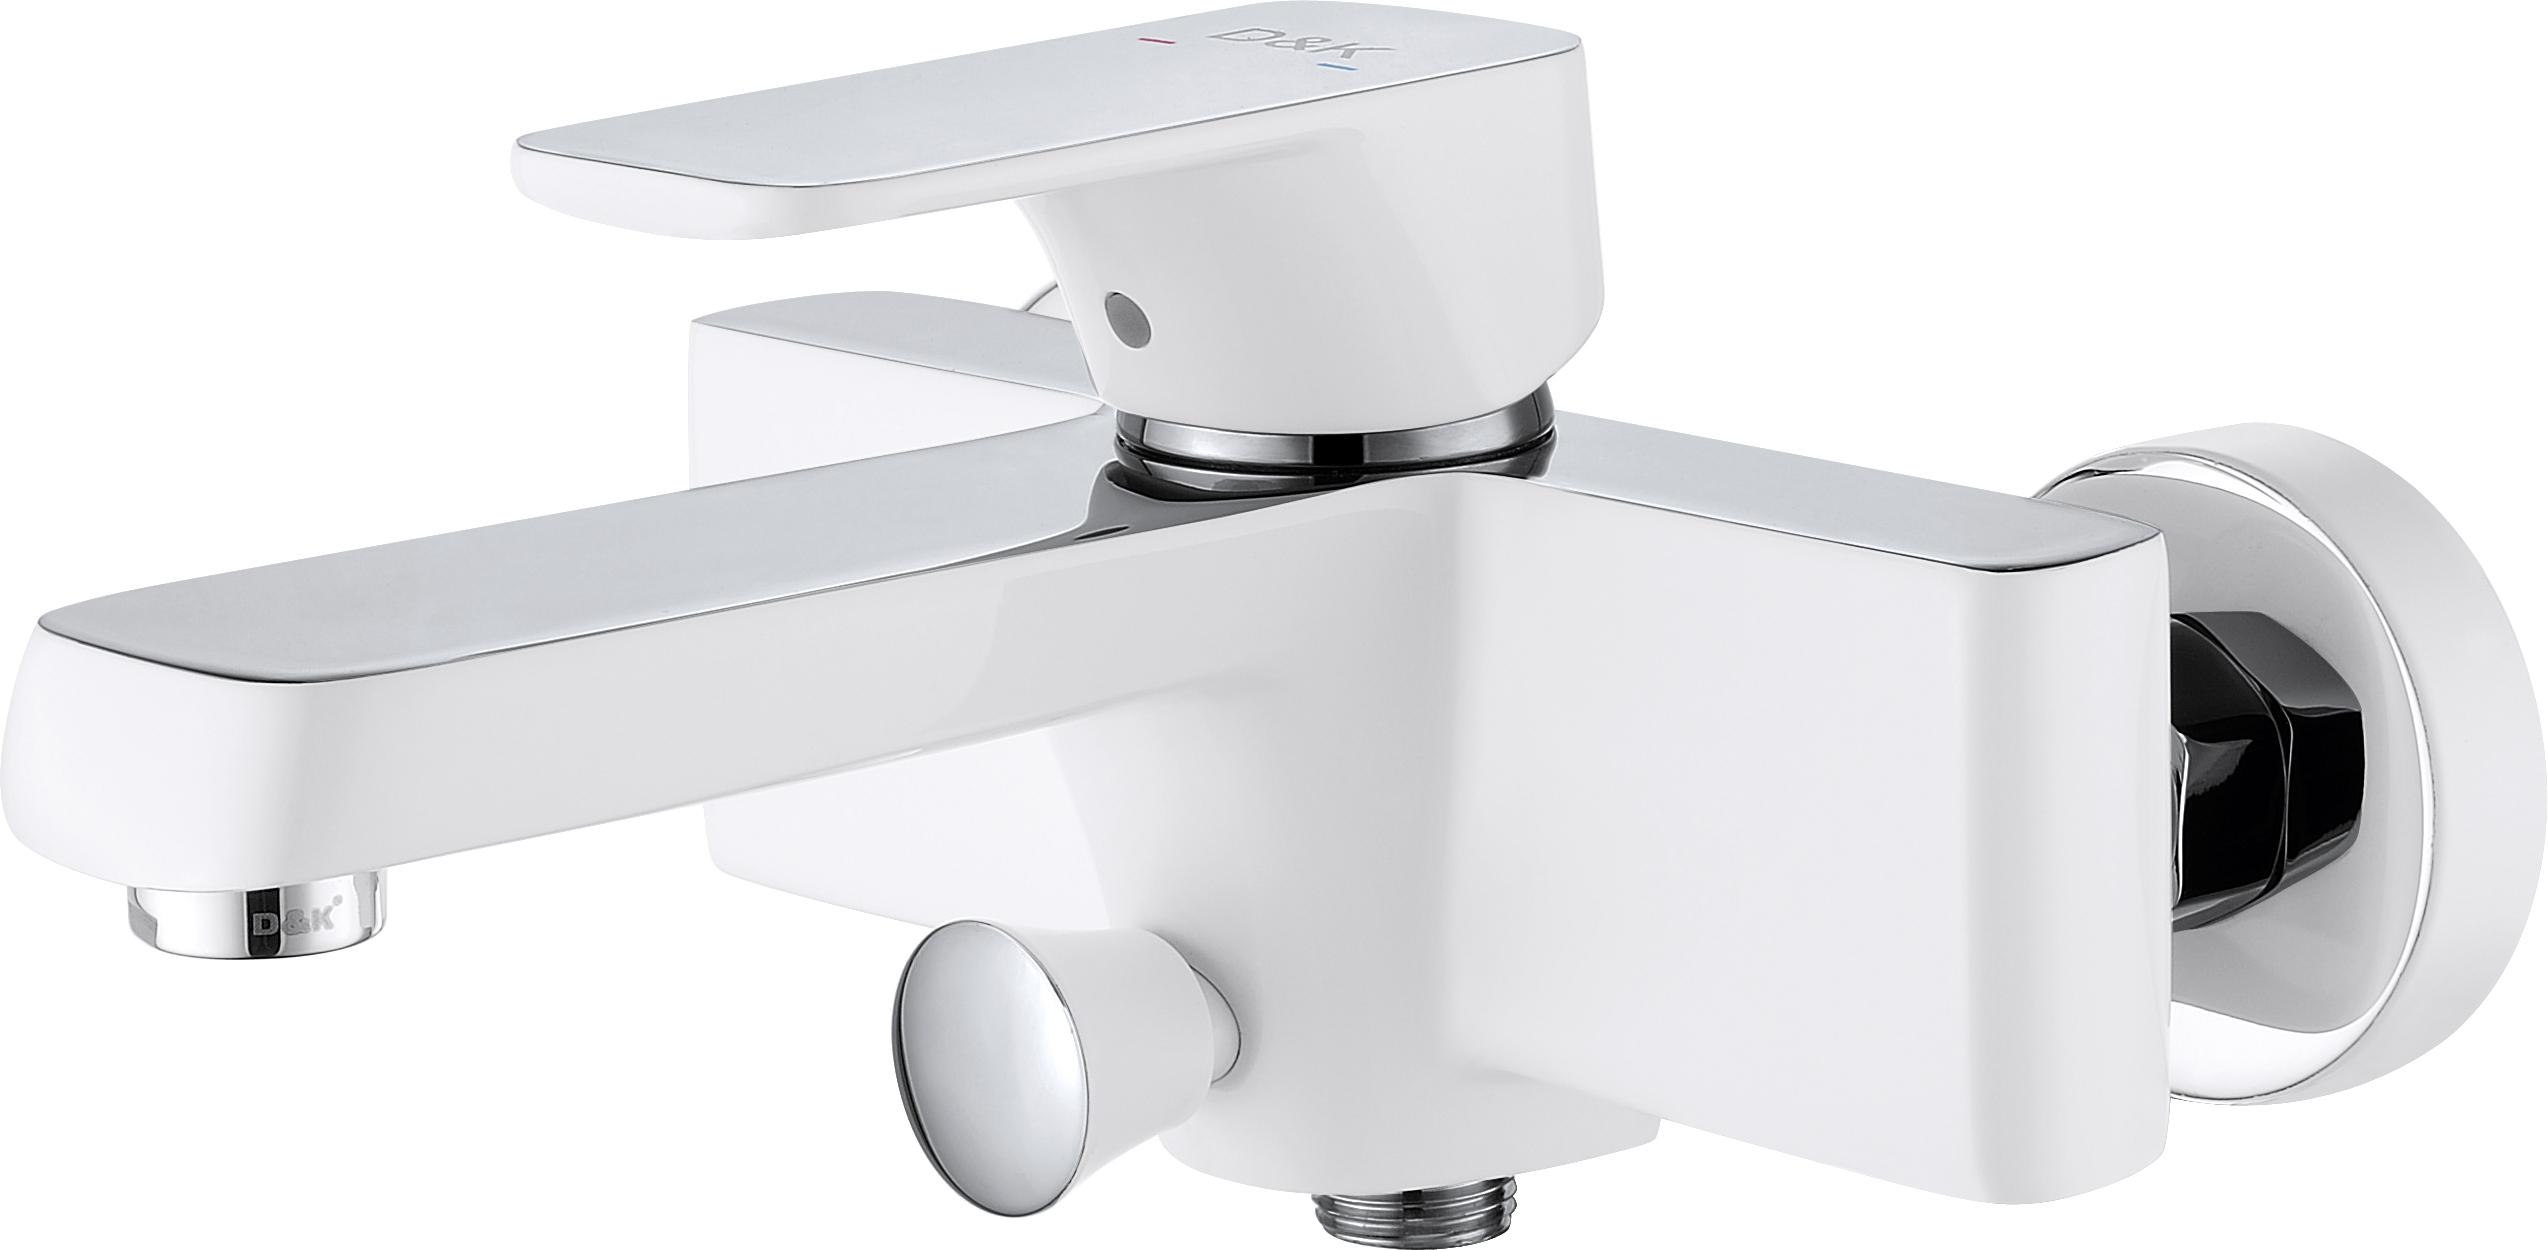 Смеситель для ванны с душем D&K Berlin.Steinbeis DA1433216 короткий излив белый-хром